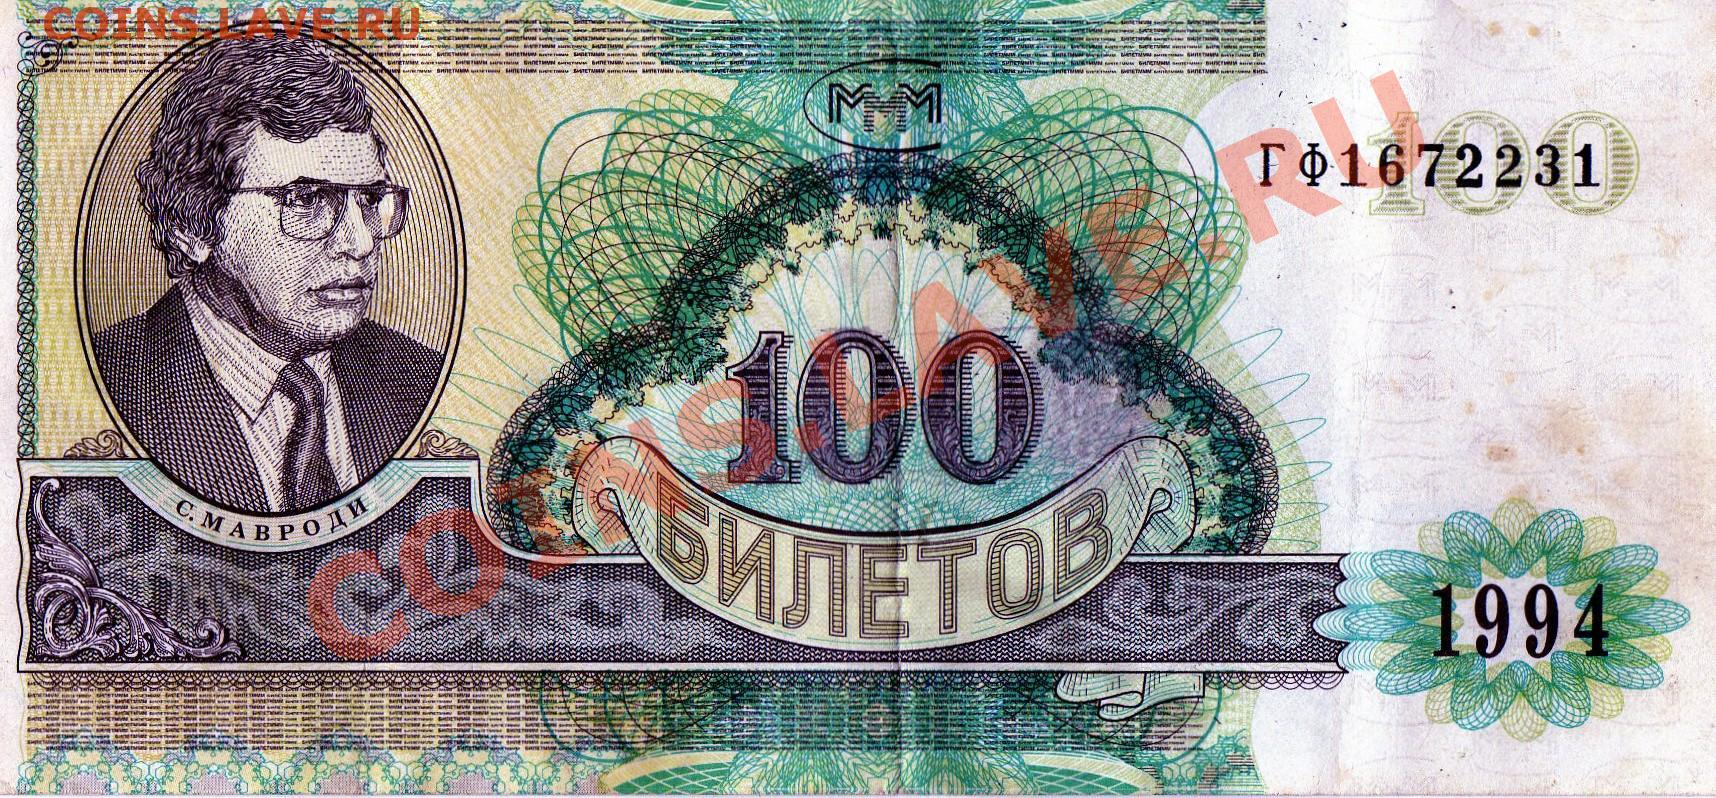 https://coins.lave.ru/forum/pic/520440.jpg